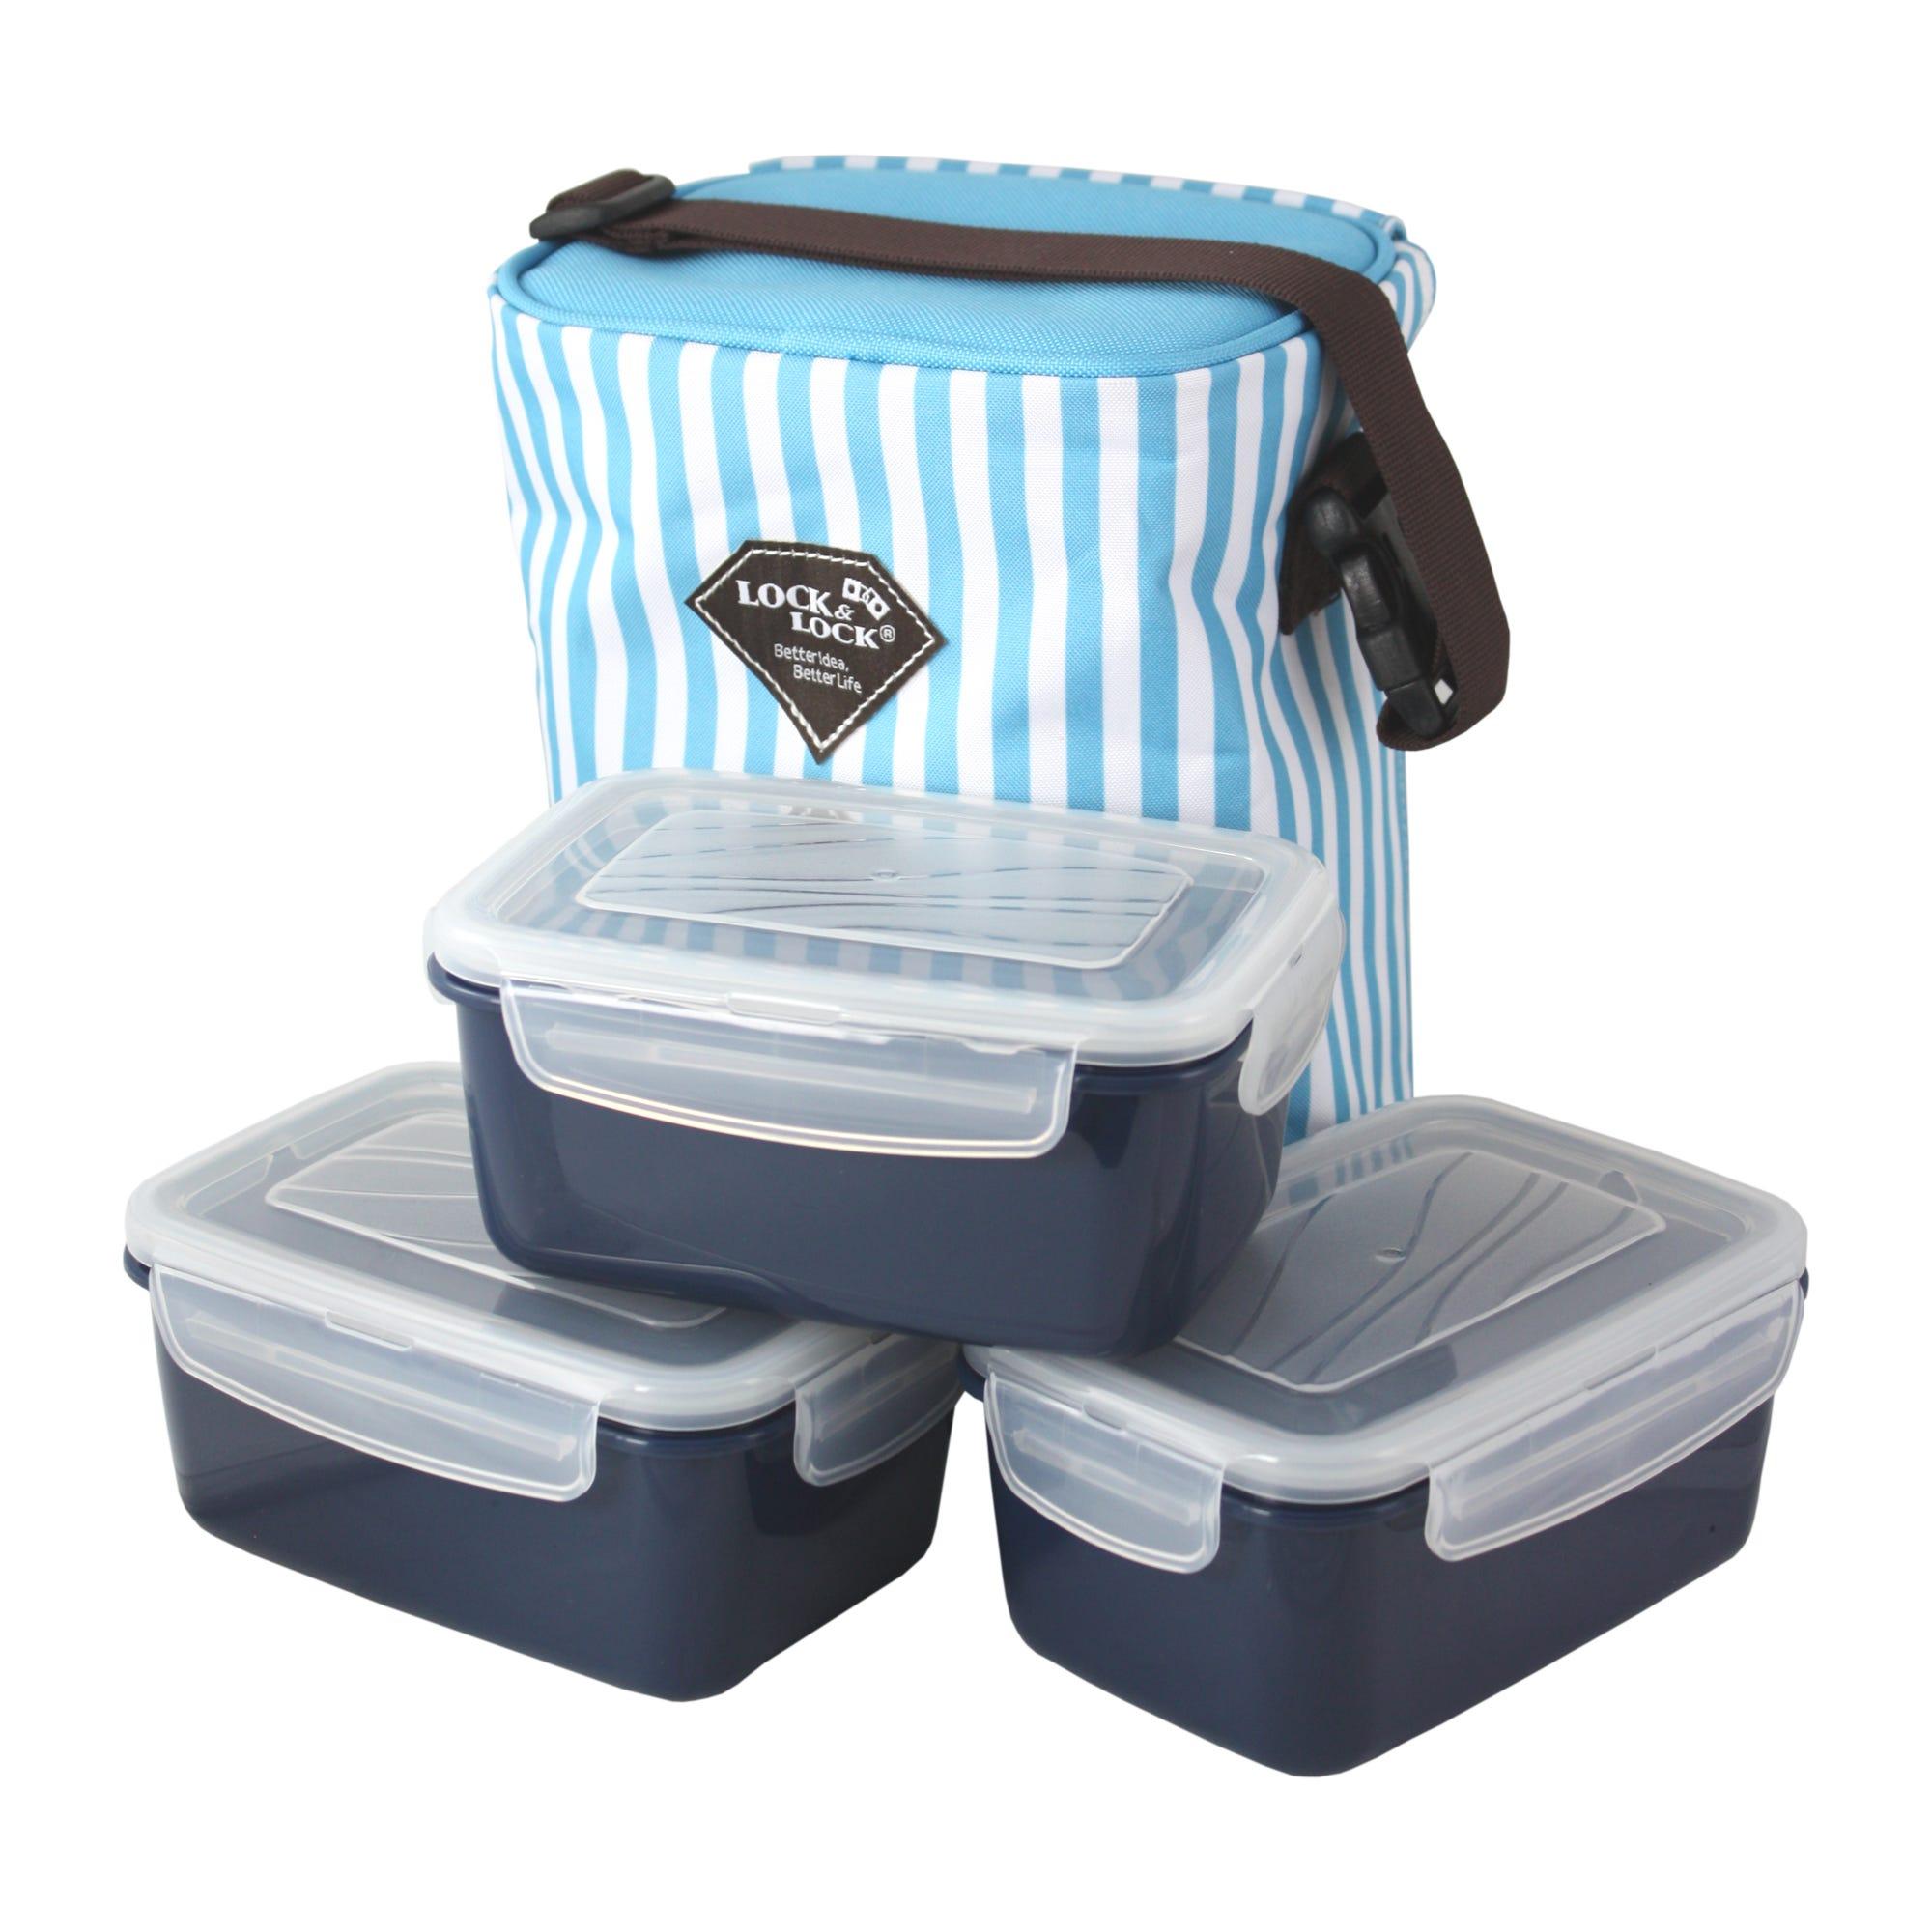 Set de lonchera y contenedores Lock & Lock® en azul/blanco, 4 piezas